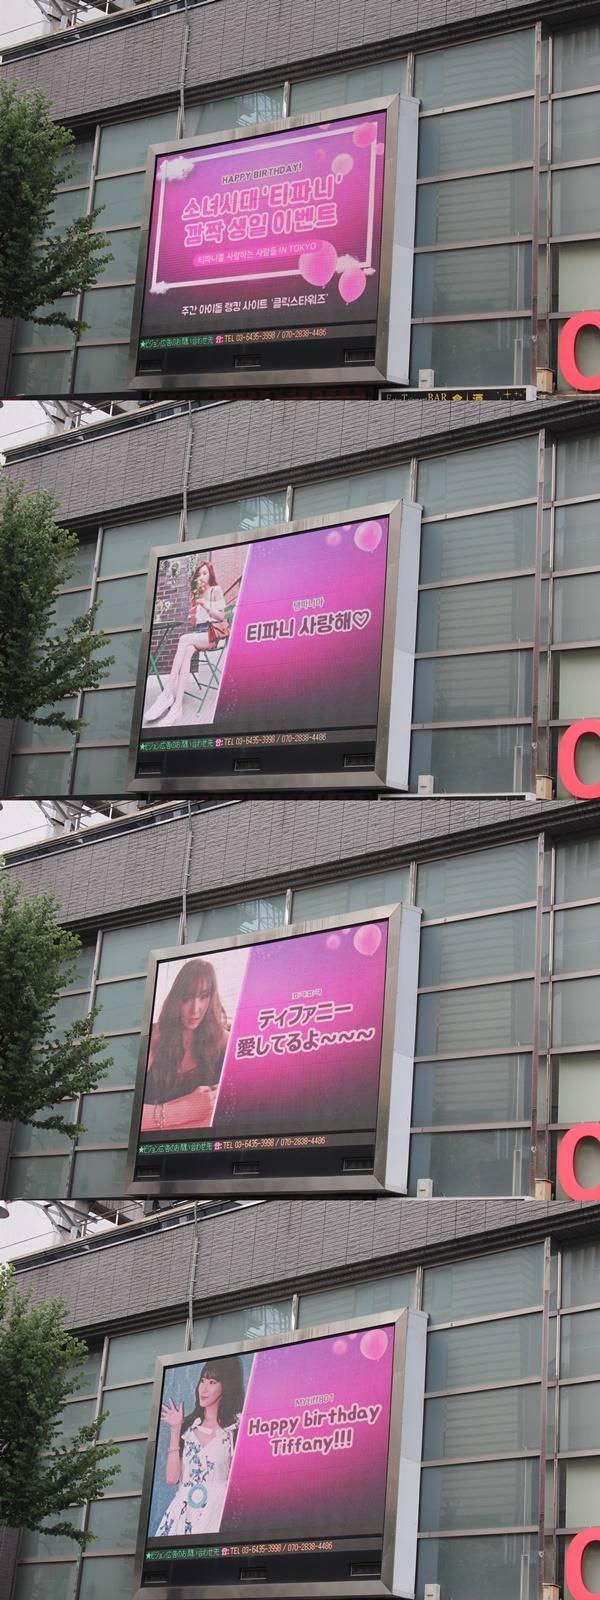 東京・新大久保電光掲示板で上映中の動画の様子。|写真:Click! StarWars